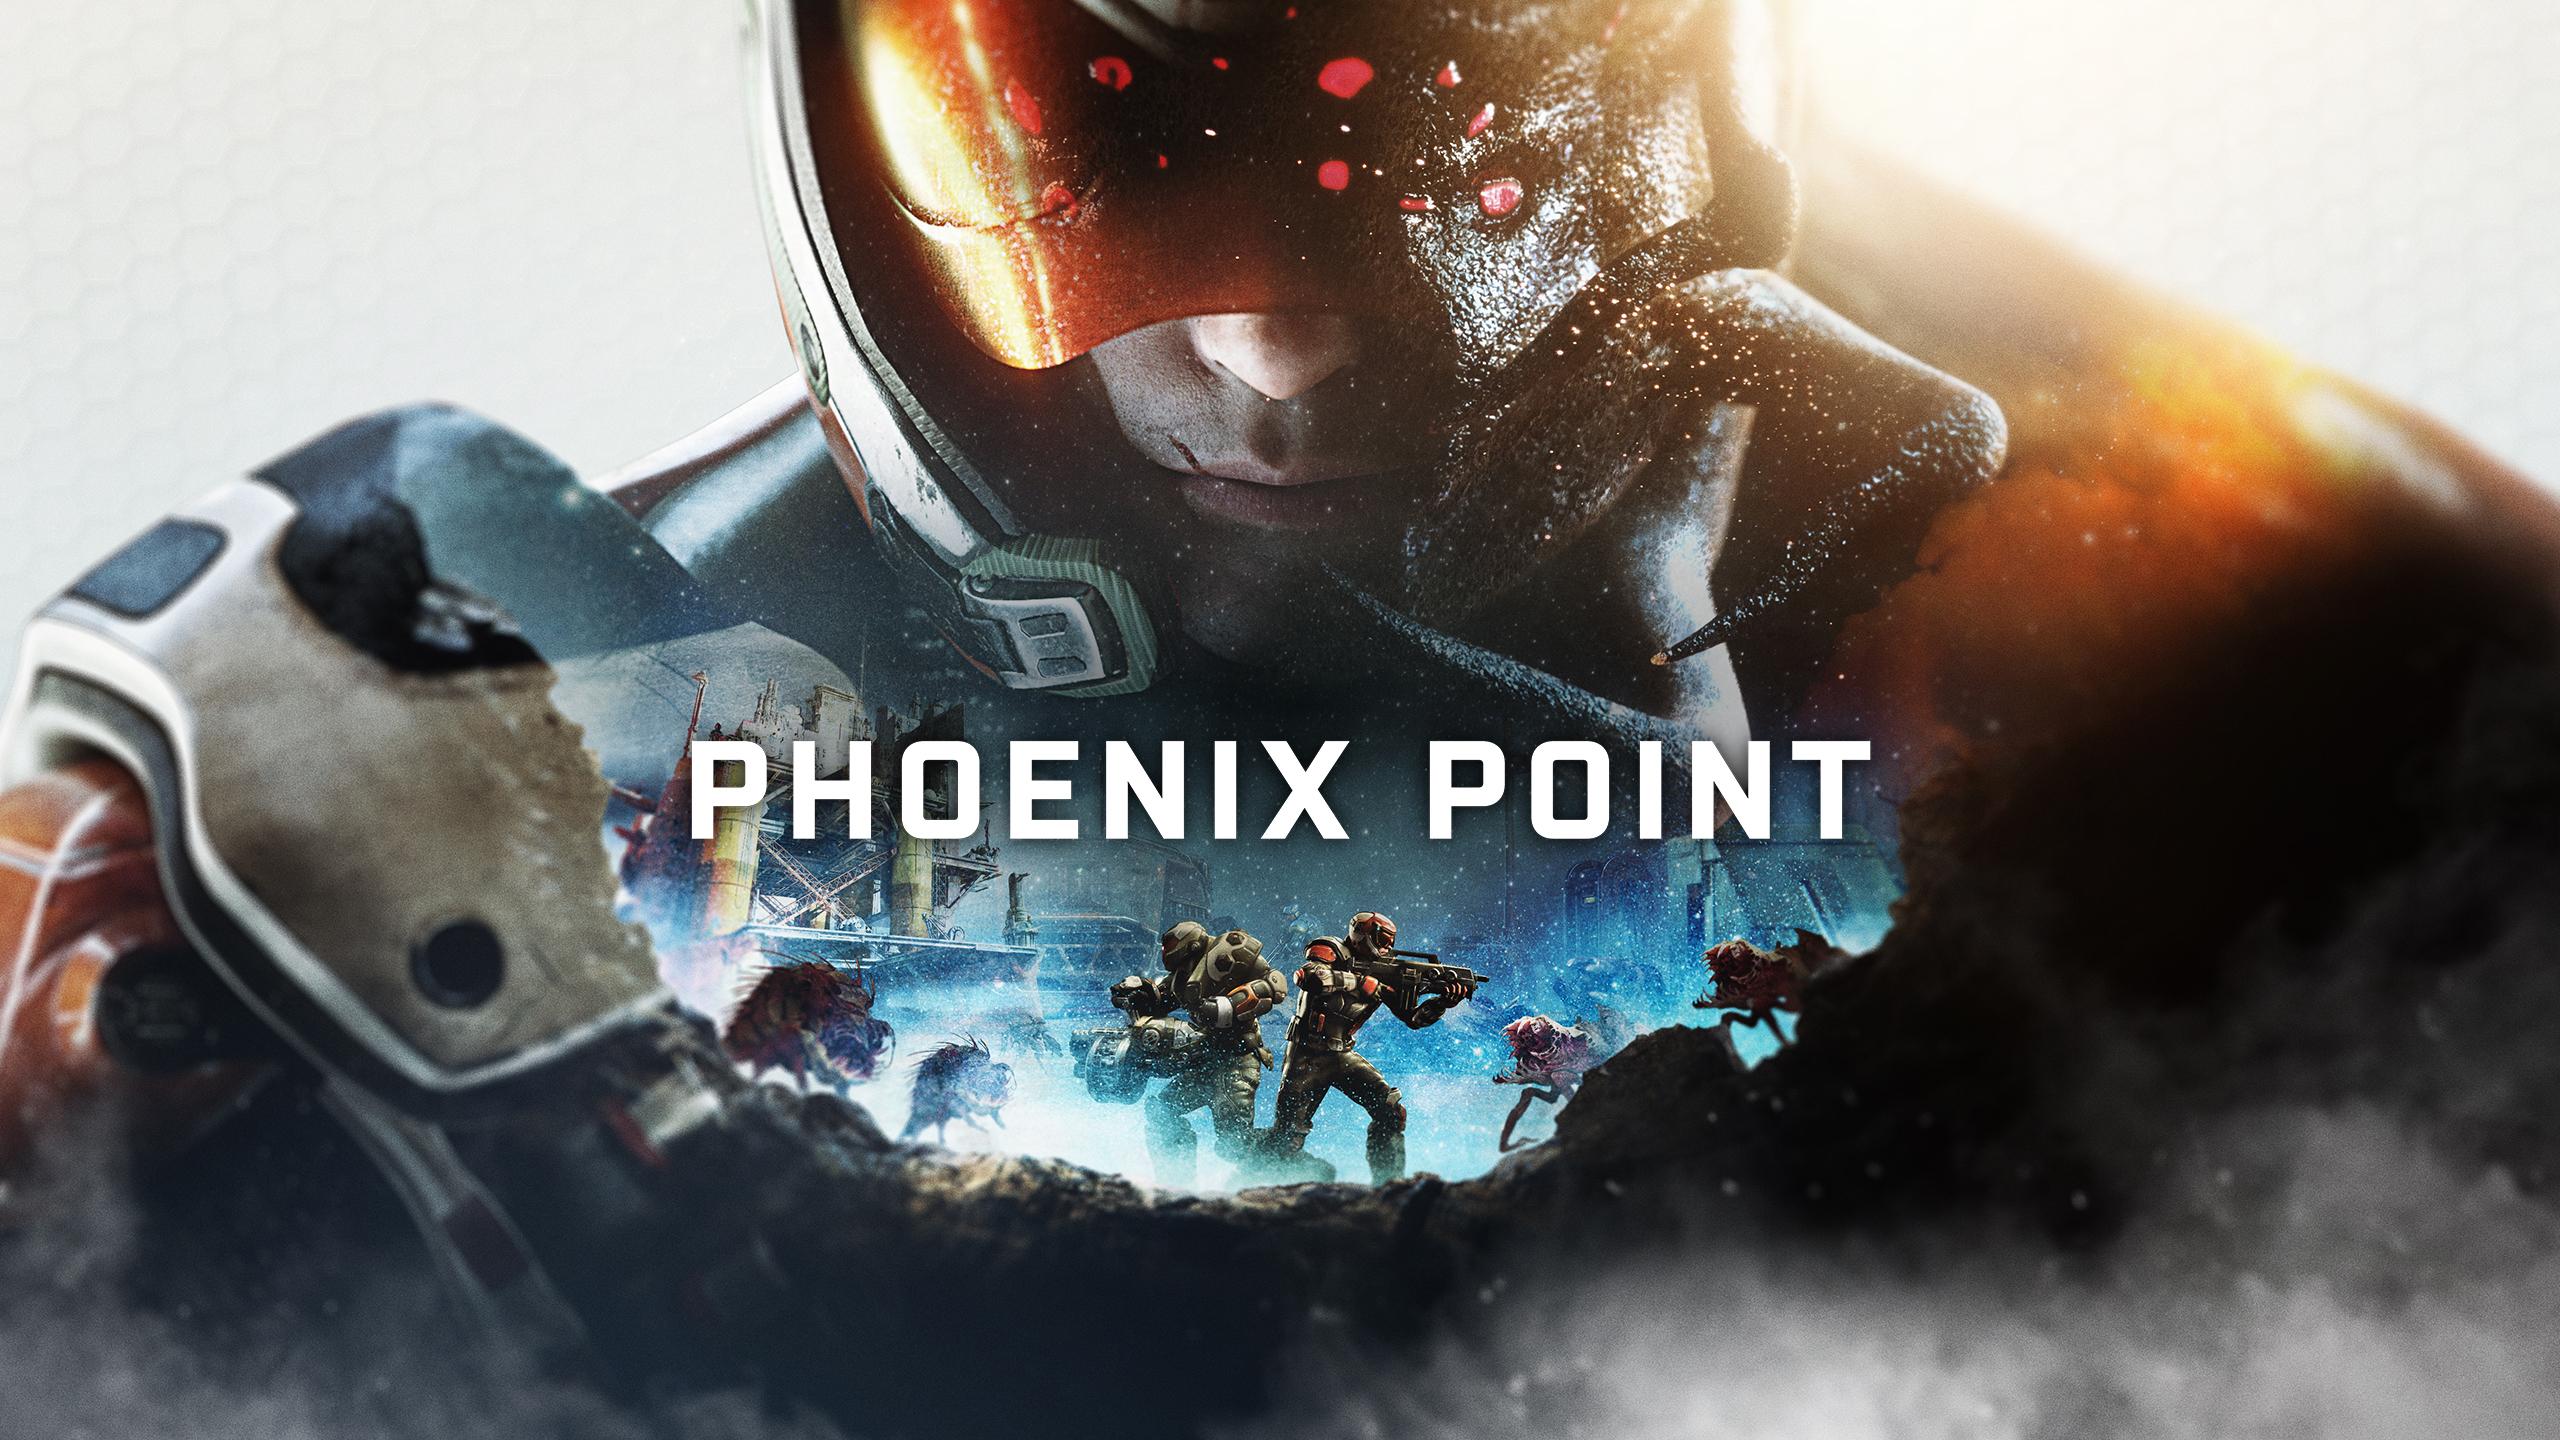 """Nadchodzi nowa gra strategiczna od twórcy X-COM. Zwalcz inwazję obcych na """"Phoenix Point"""". Gra już dostępna wprzedsprzedaży!"""